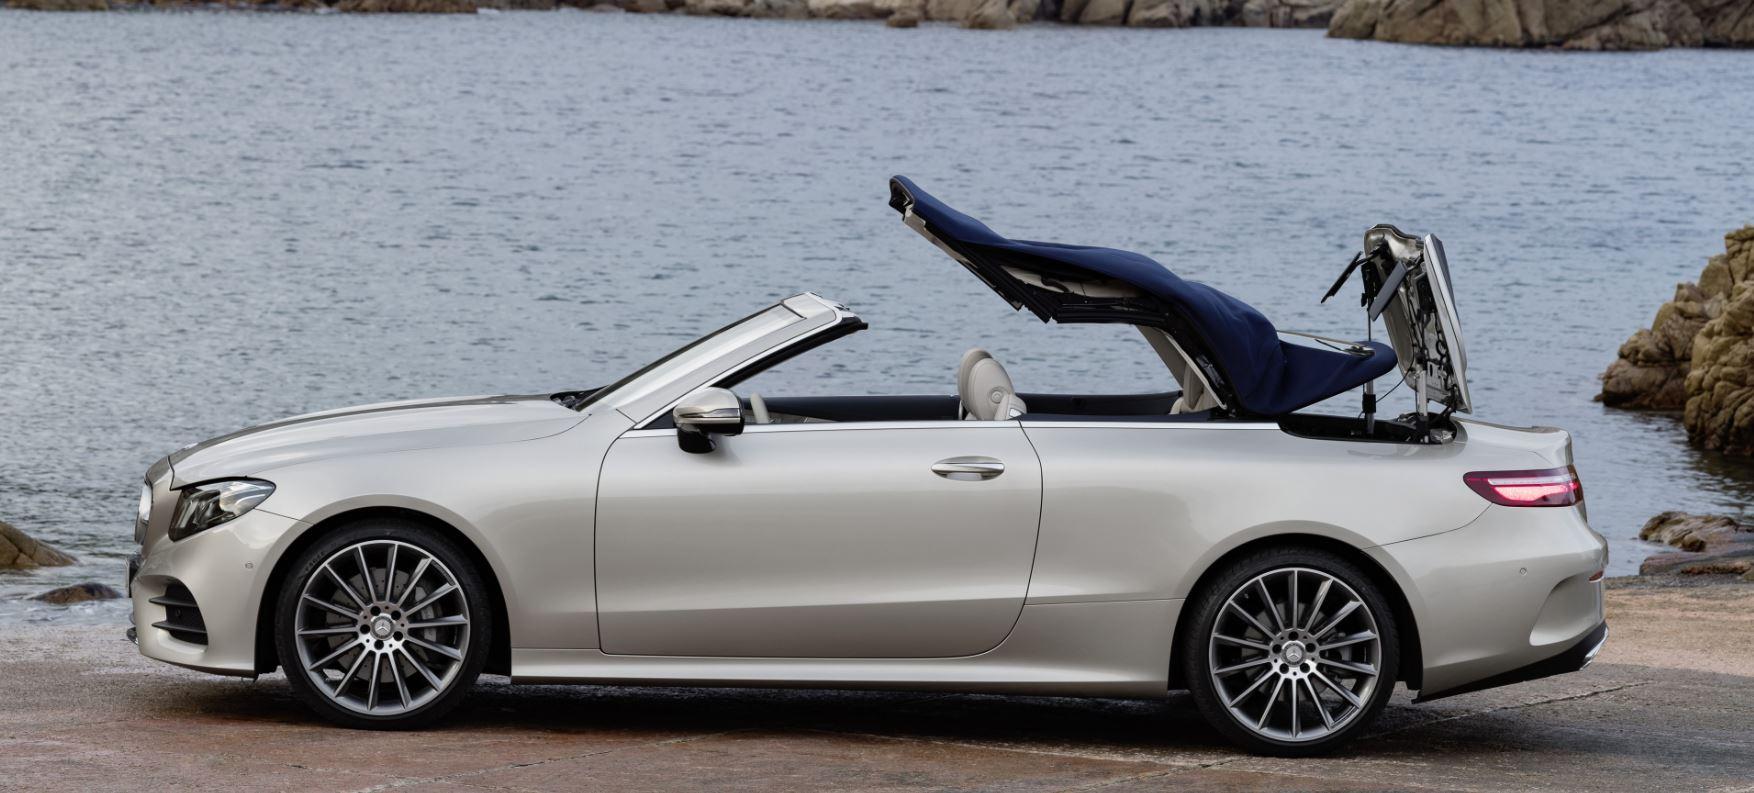 El lujo, la elegancia, la tecnología y seguridad se unen a la eficacia y el placer de conducir una estrella Mercedes, en este caso la versión de la Clase E Cabrio.